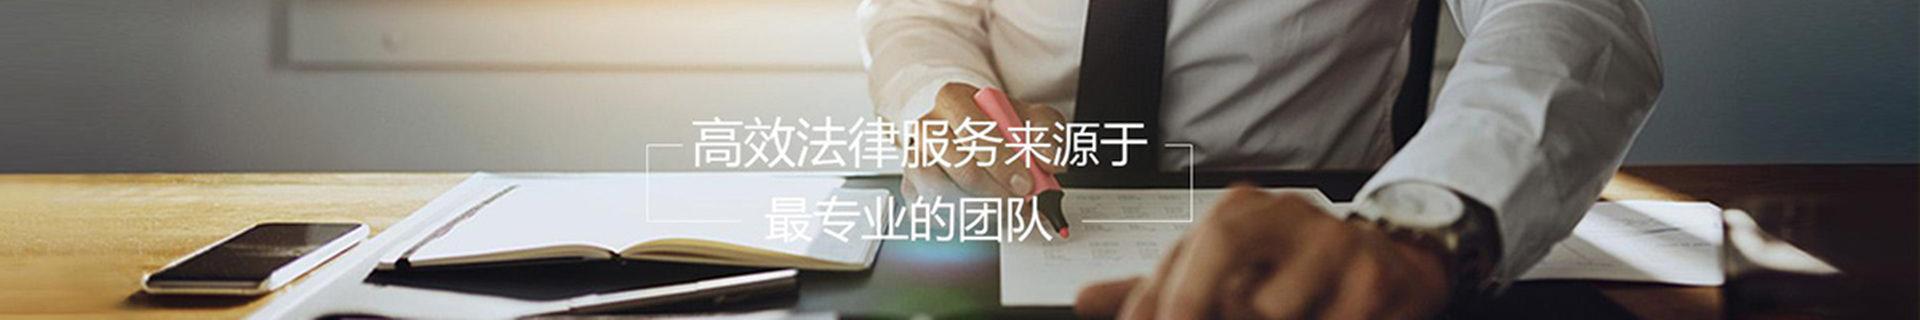 东莞合同律师网6